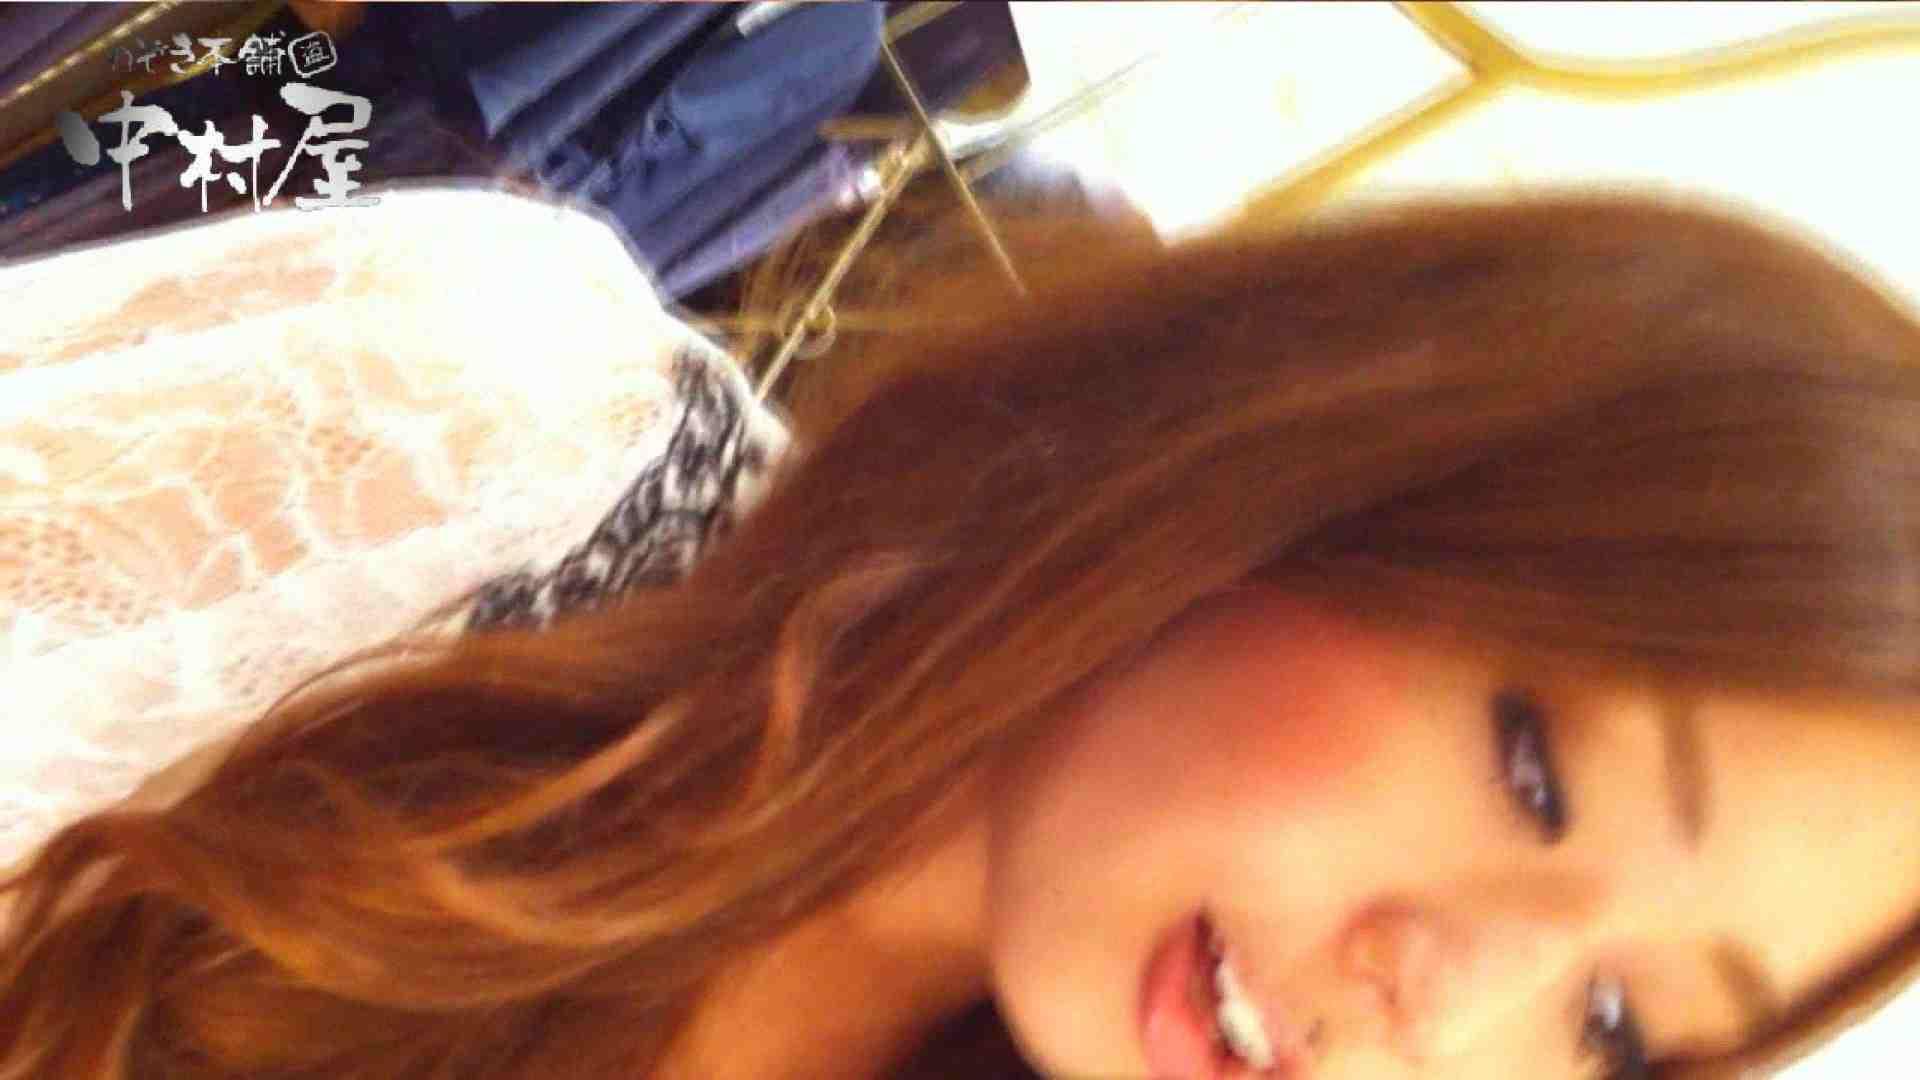 vol.62 美人アパレル胸チラ&パンチラ 笑顔のチャーミングなおねぃさん 接写 | パンチラ  50pic 9